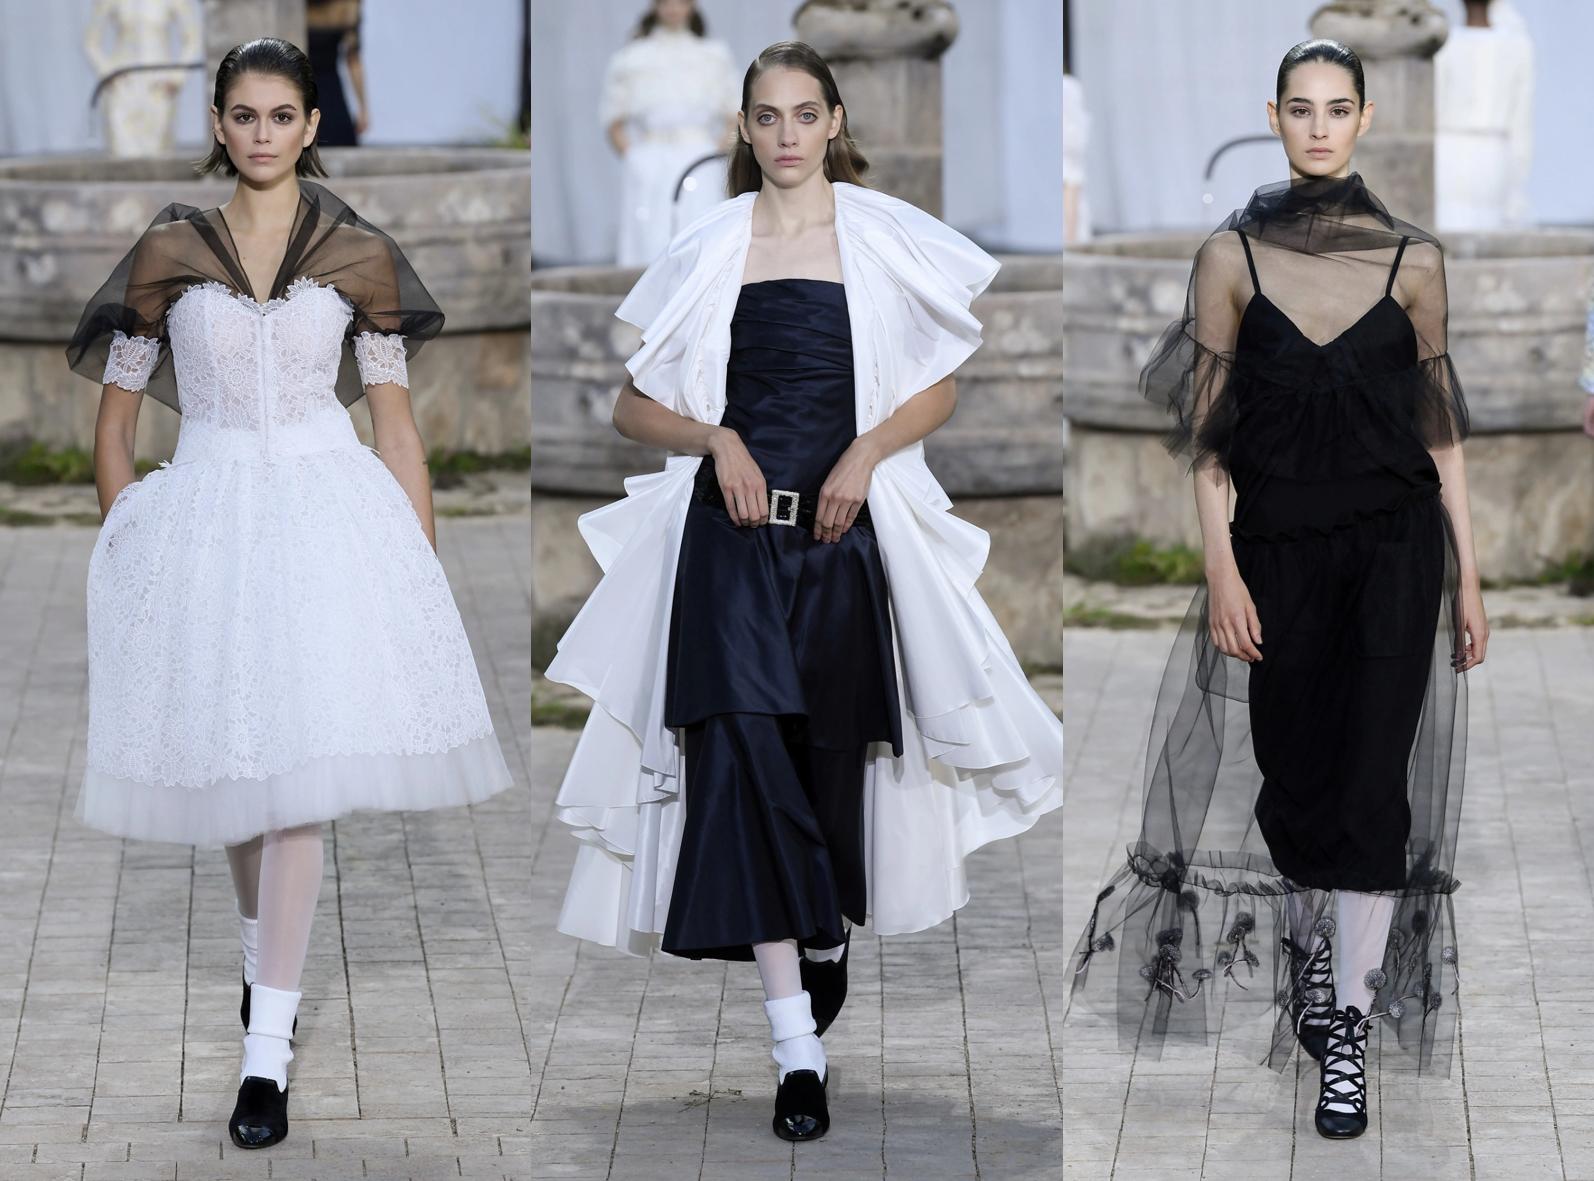 高级别致!60套香奈儿2020春夏季高级定制时装,你最喜欢哪一套?